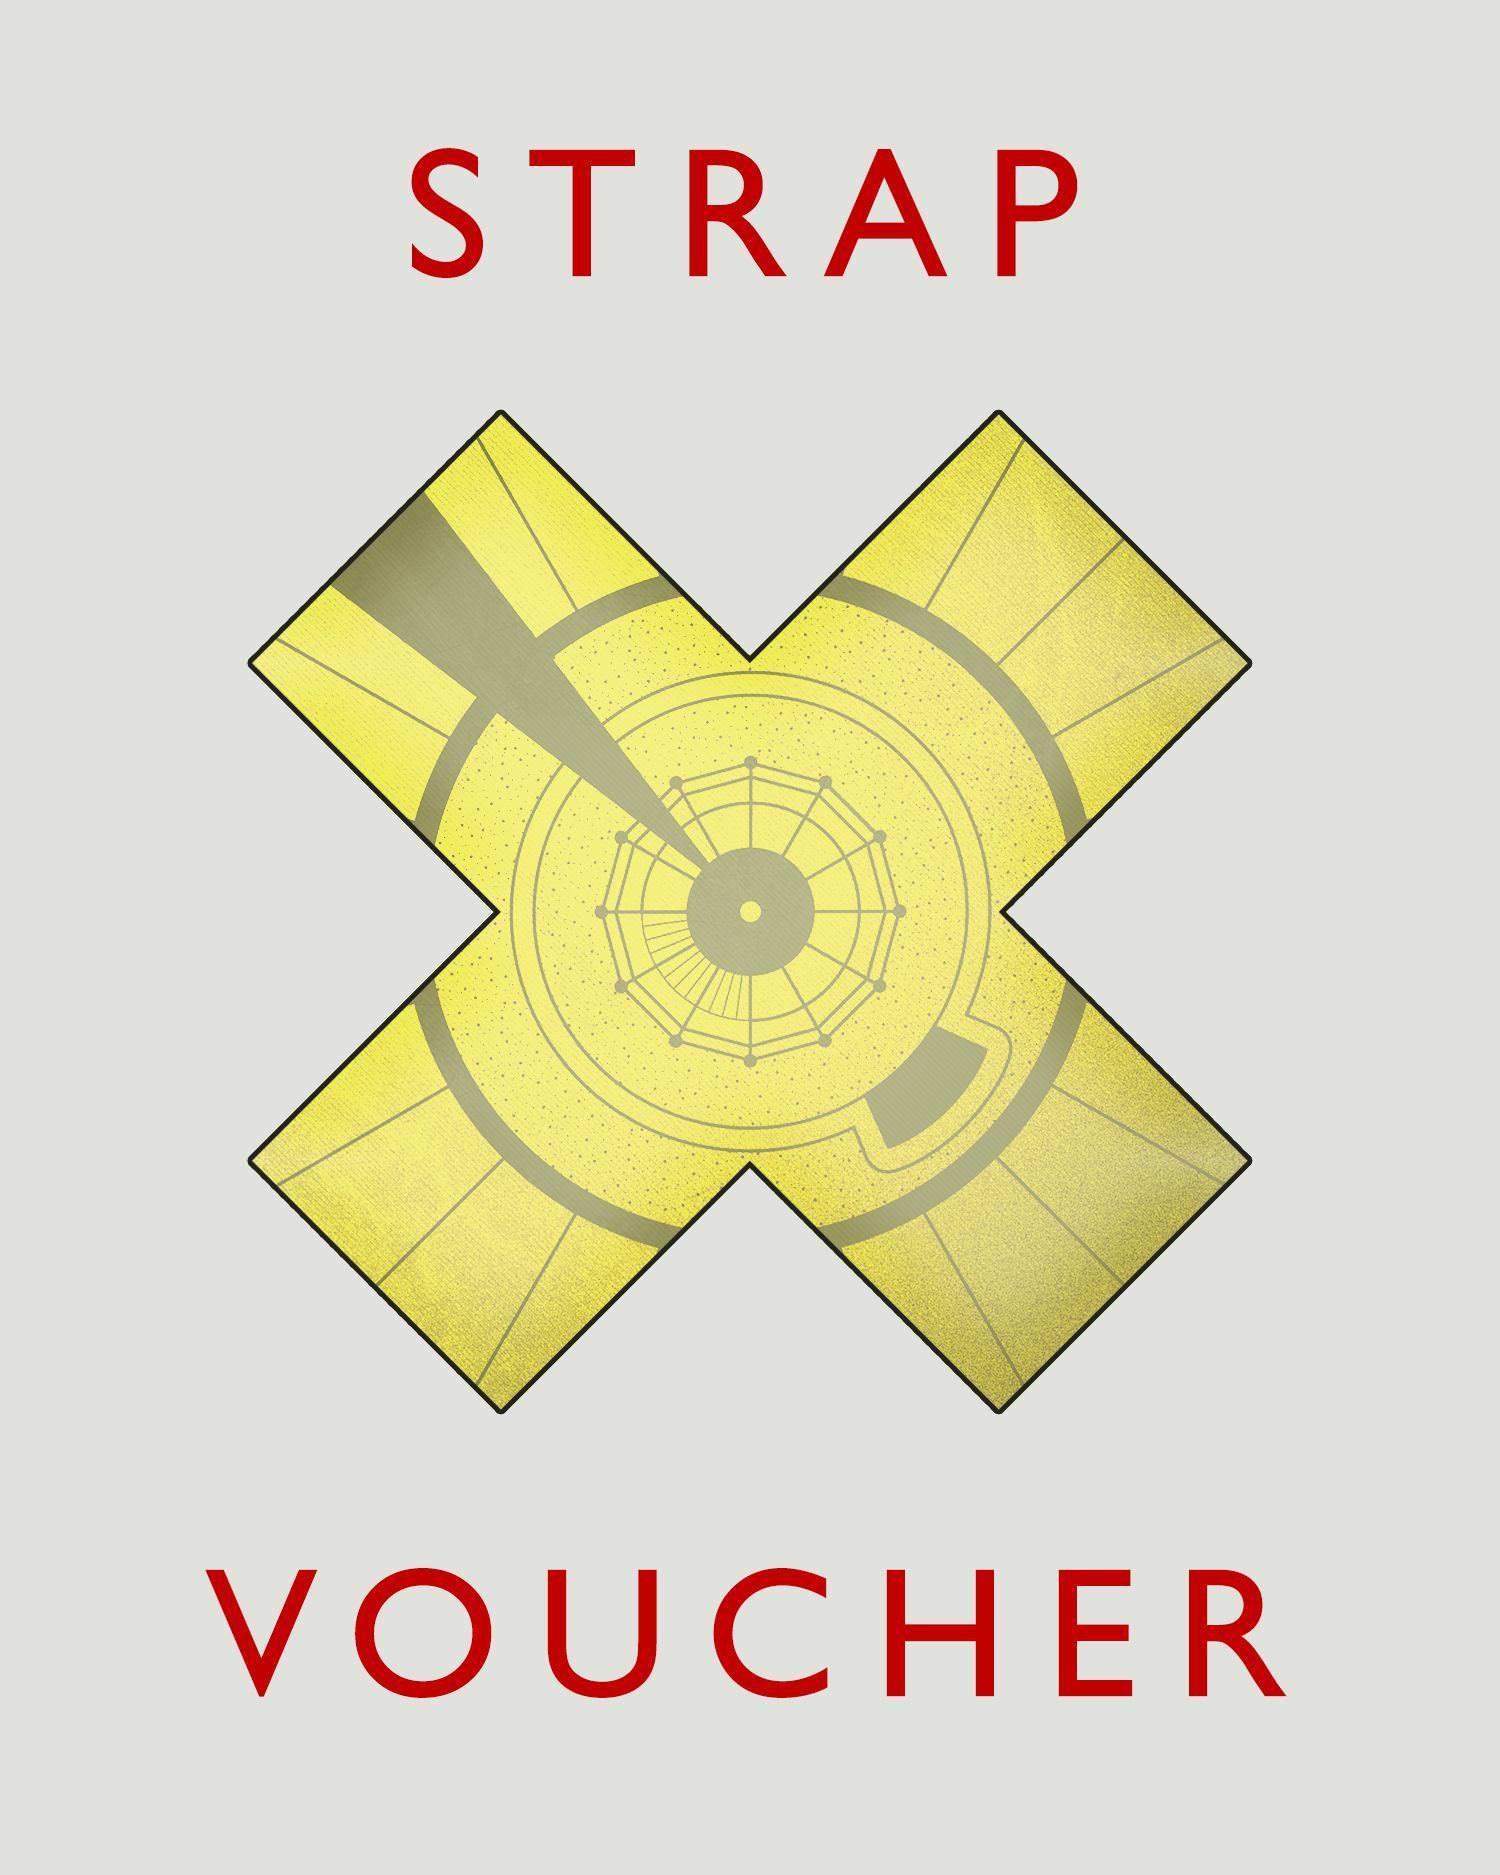 Schofield Strap Voucher